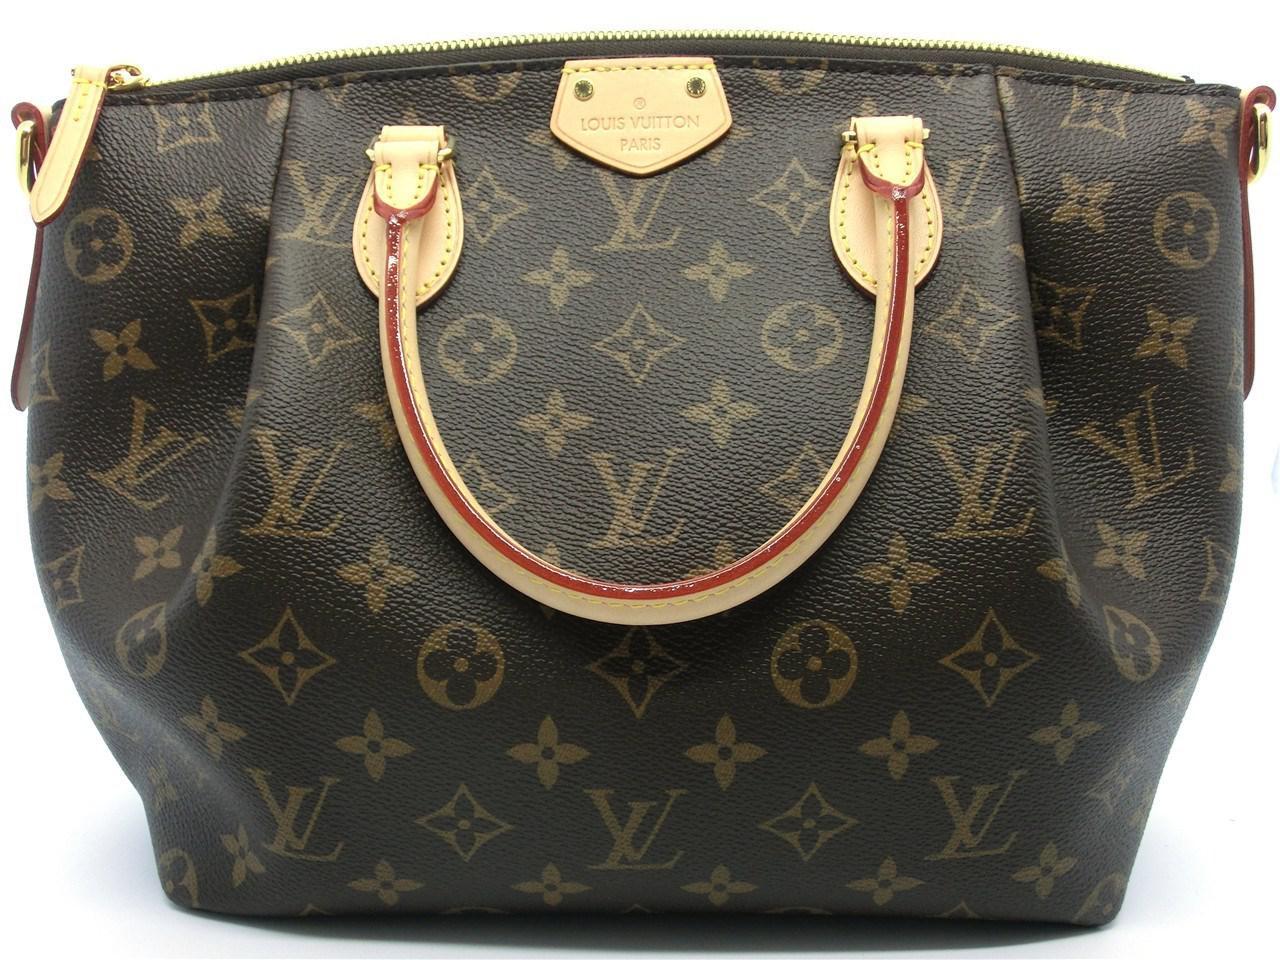 4fca74c1d9167 Lyst - Louis Vuitton Auth Monogram Canvas Turenne Mm Shopper Tote ...